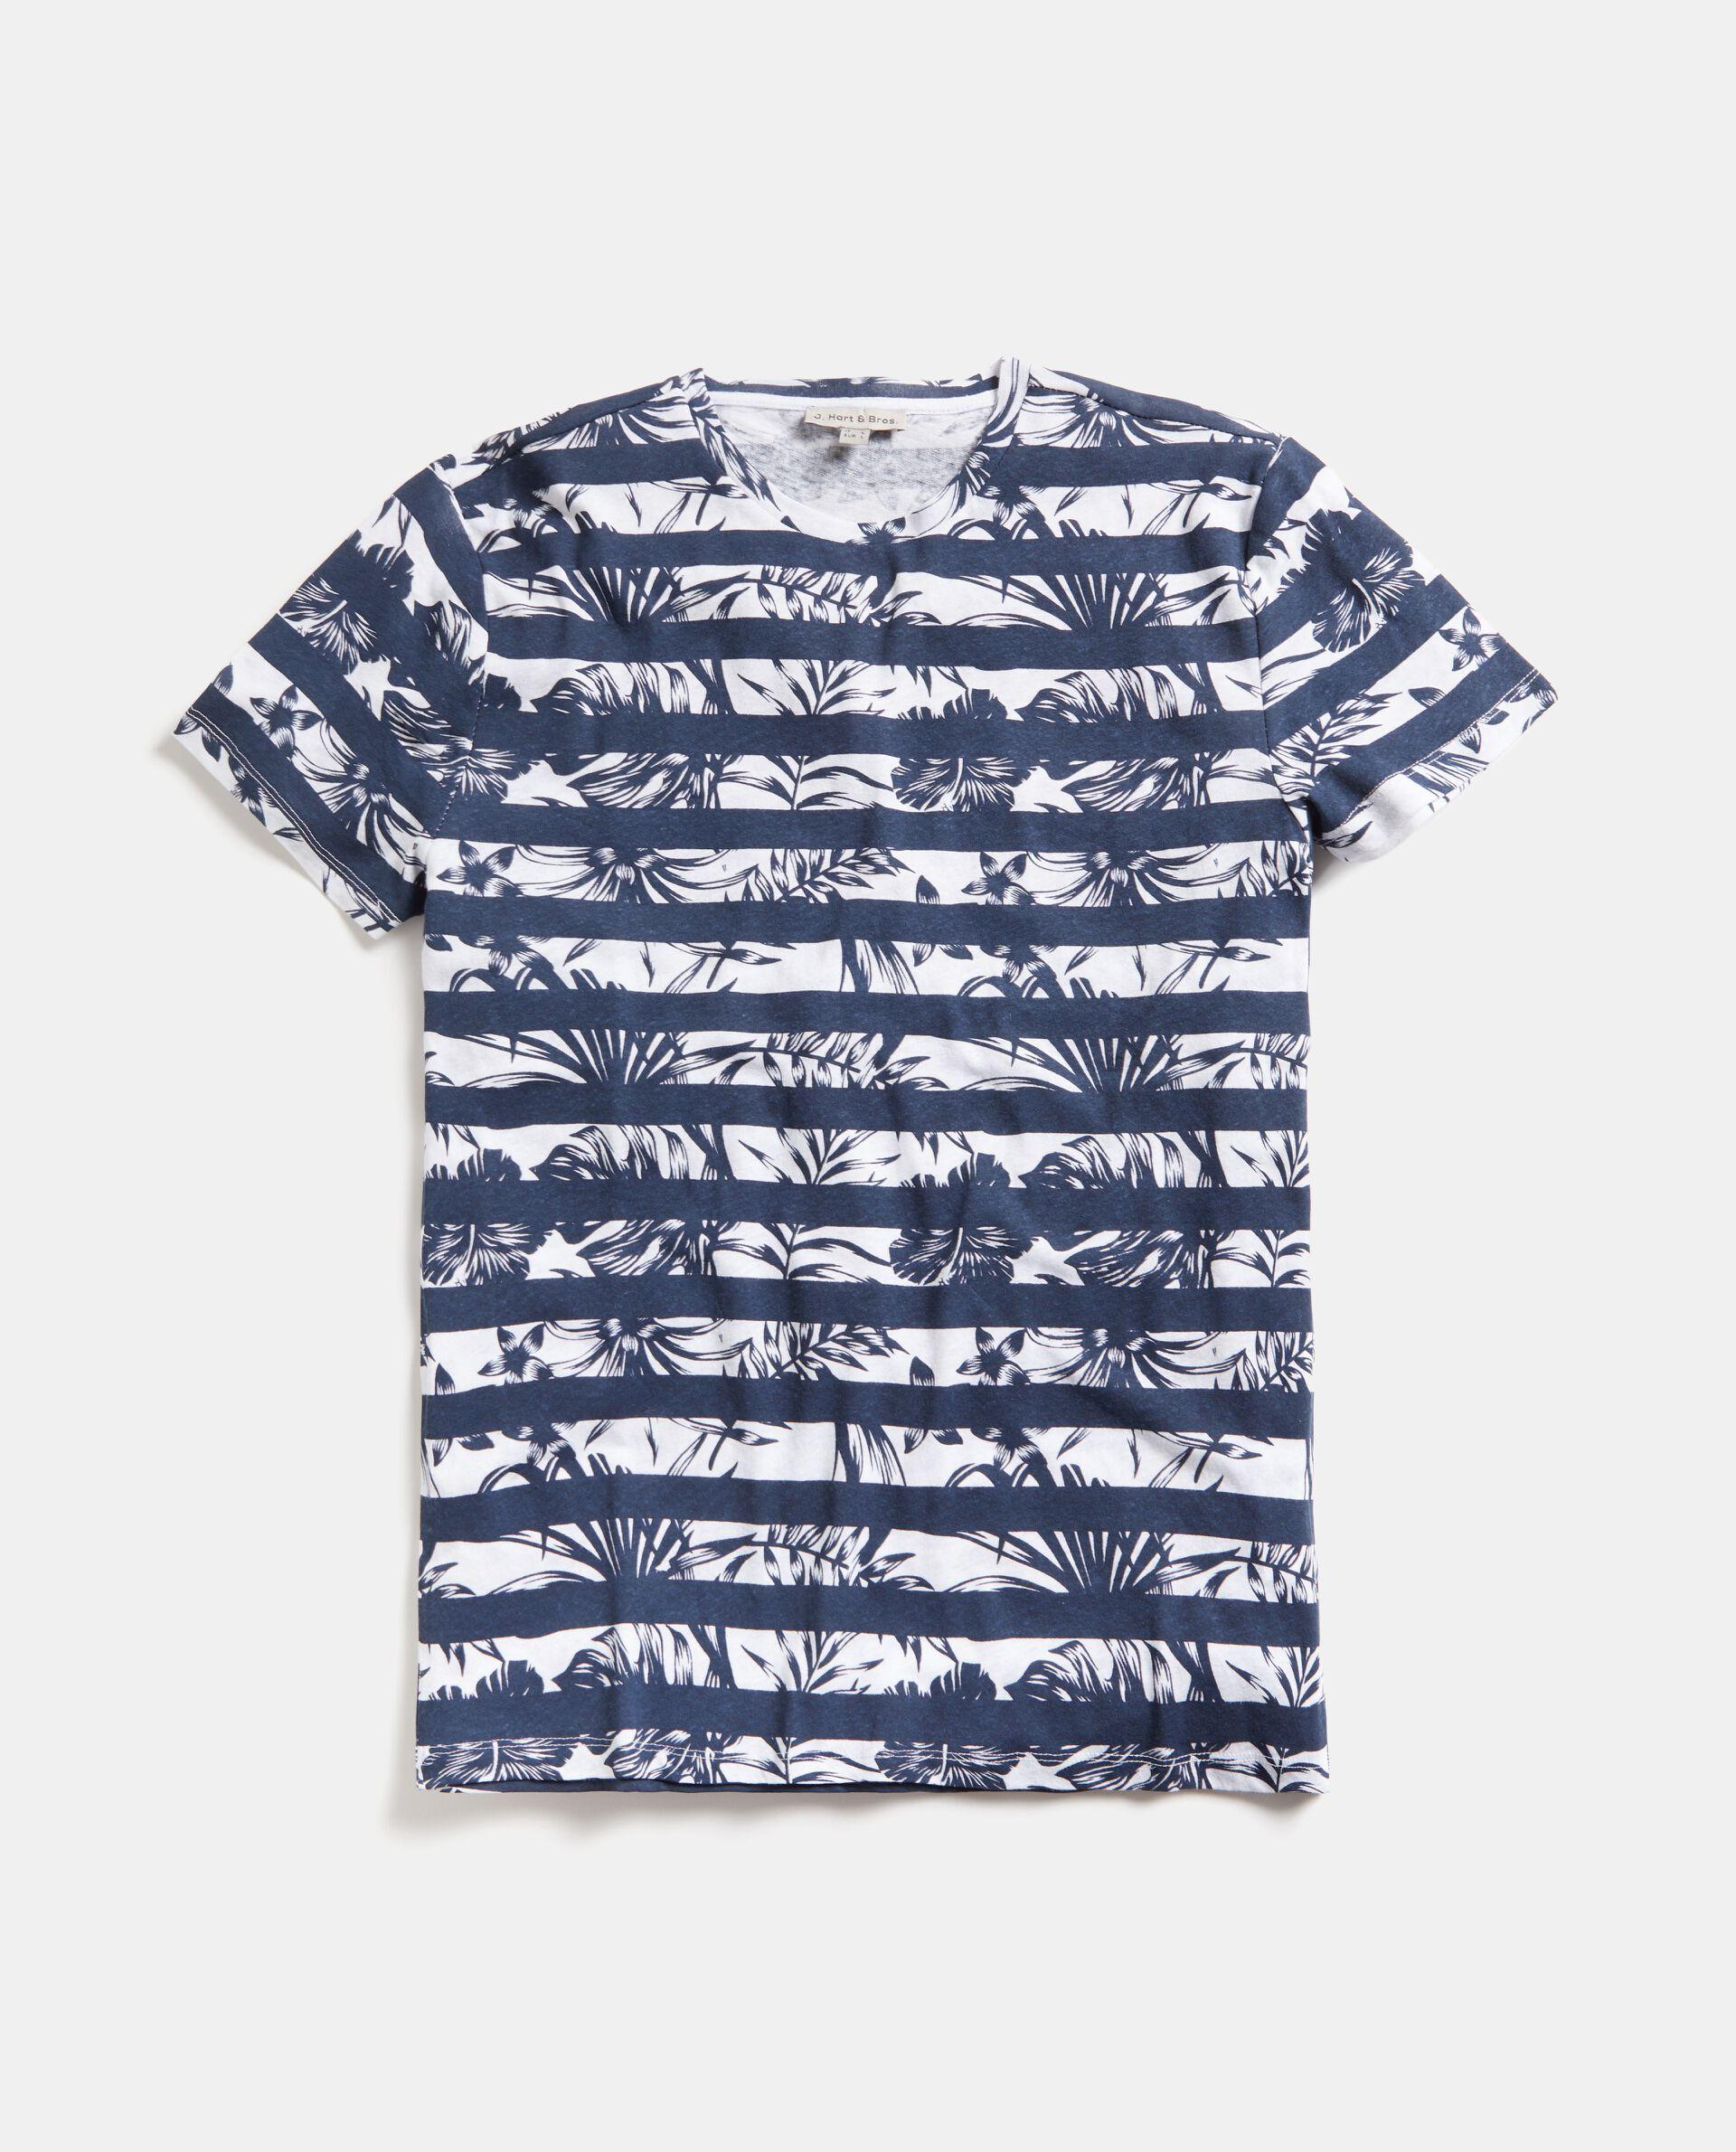 T-shirt in cotone misto lino a righe uomo